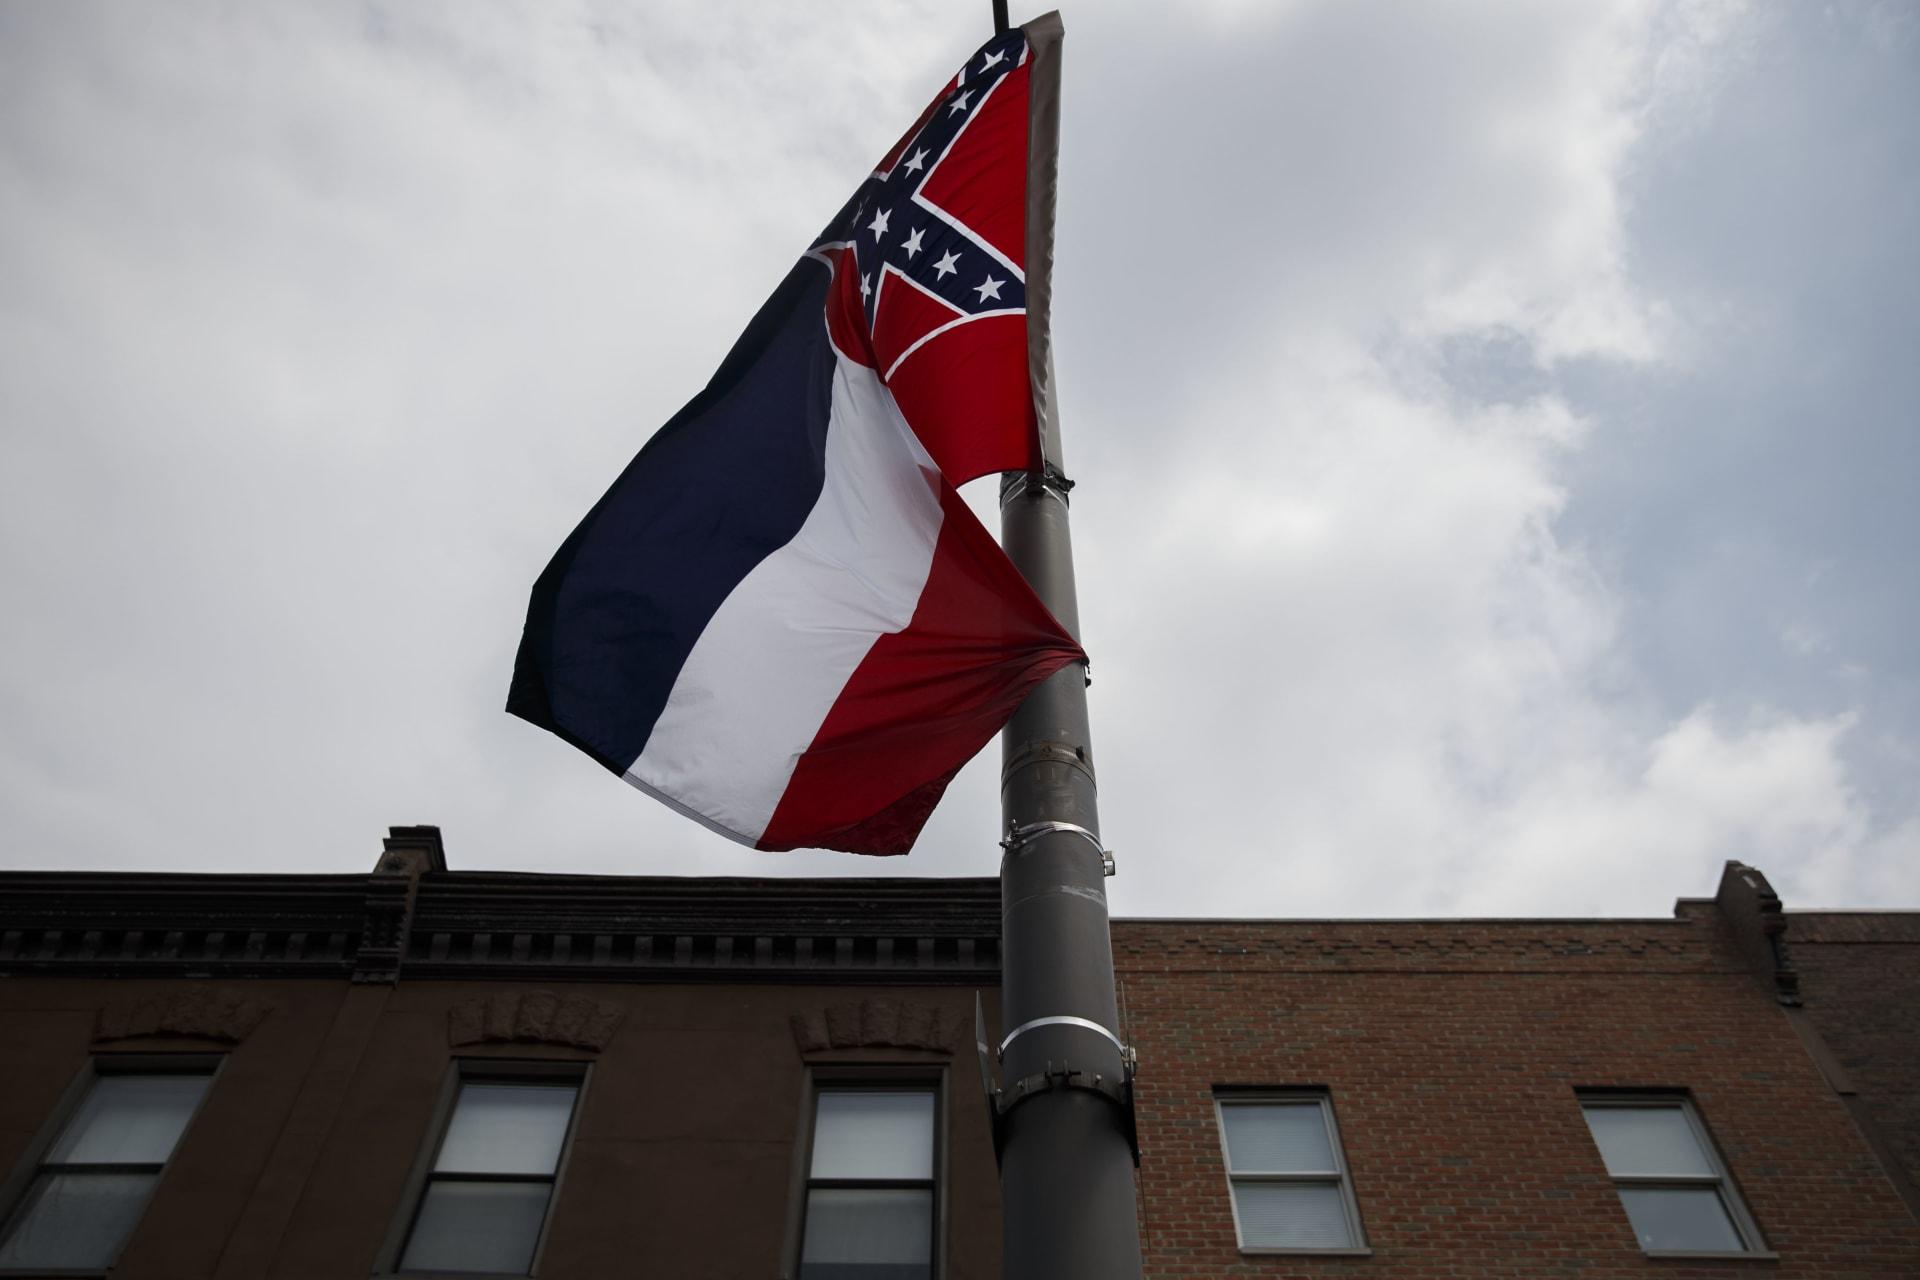 آخر ولاية أمريكية.. مُشرِعو ميسيسيبي يصوتون لصالح تغيير علمها لرمزه لحقبة العبودية